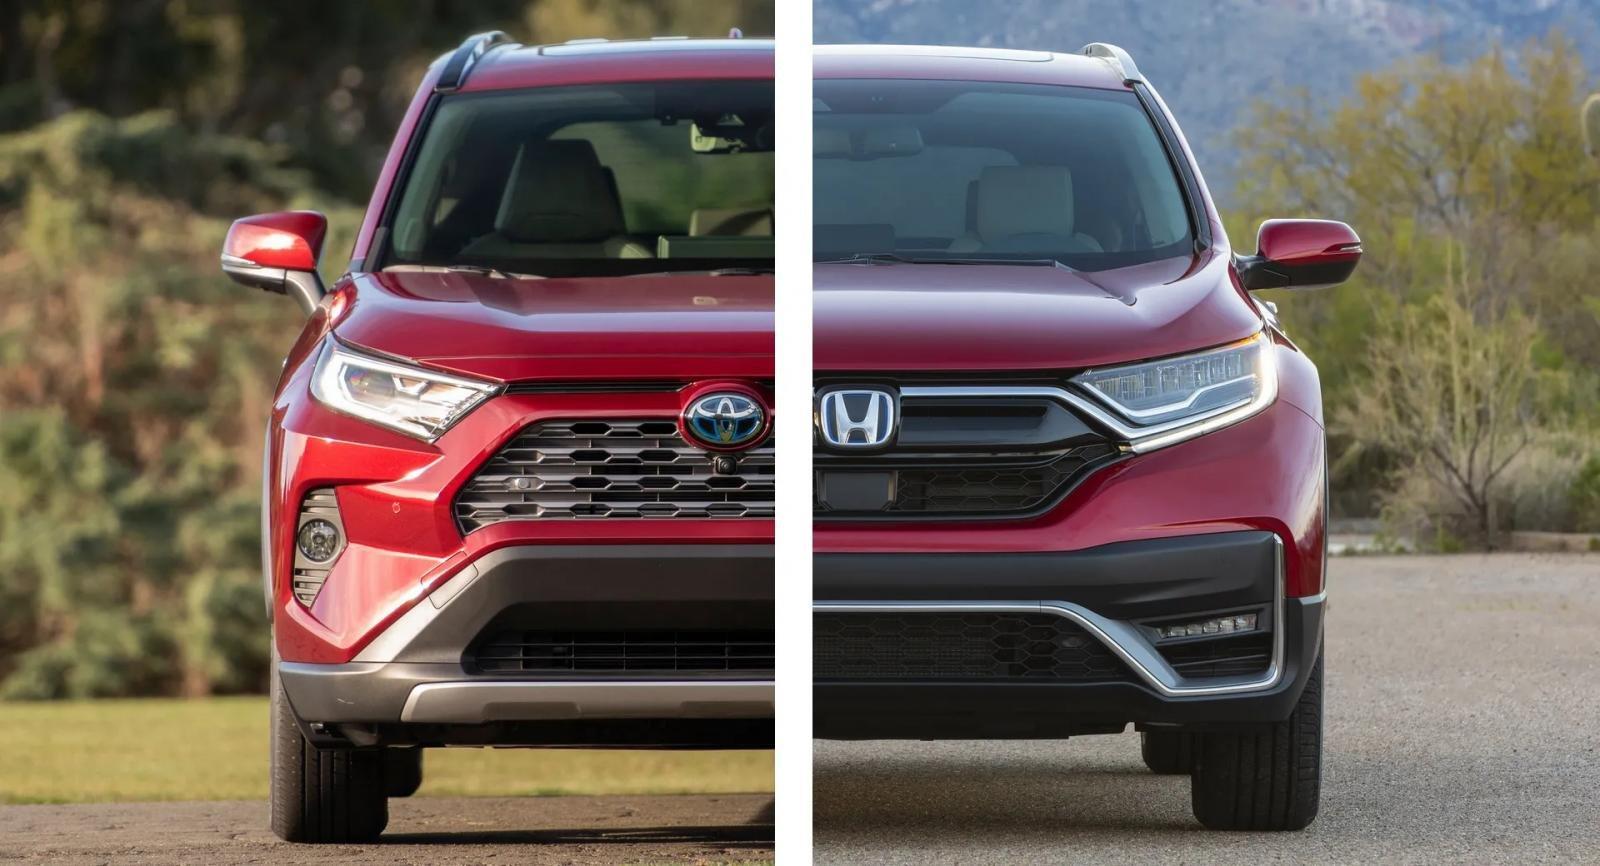 Toyota và Honda thống trị doanh số ô tô tại Mỹ.